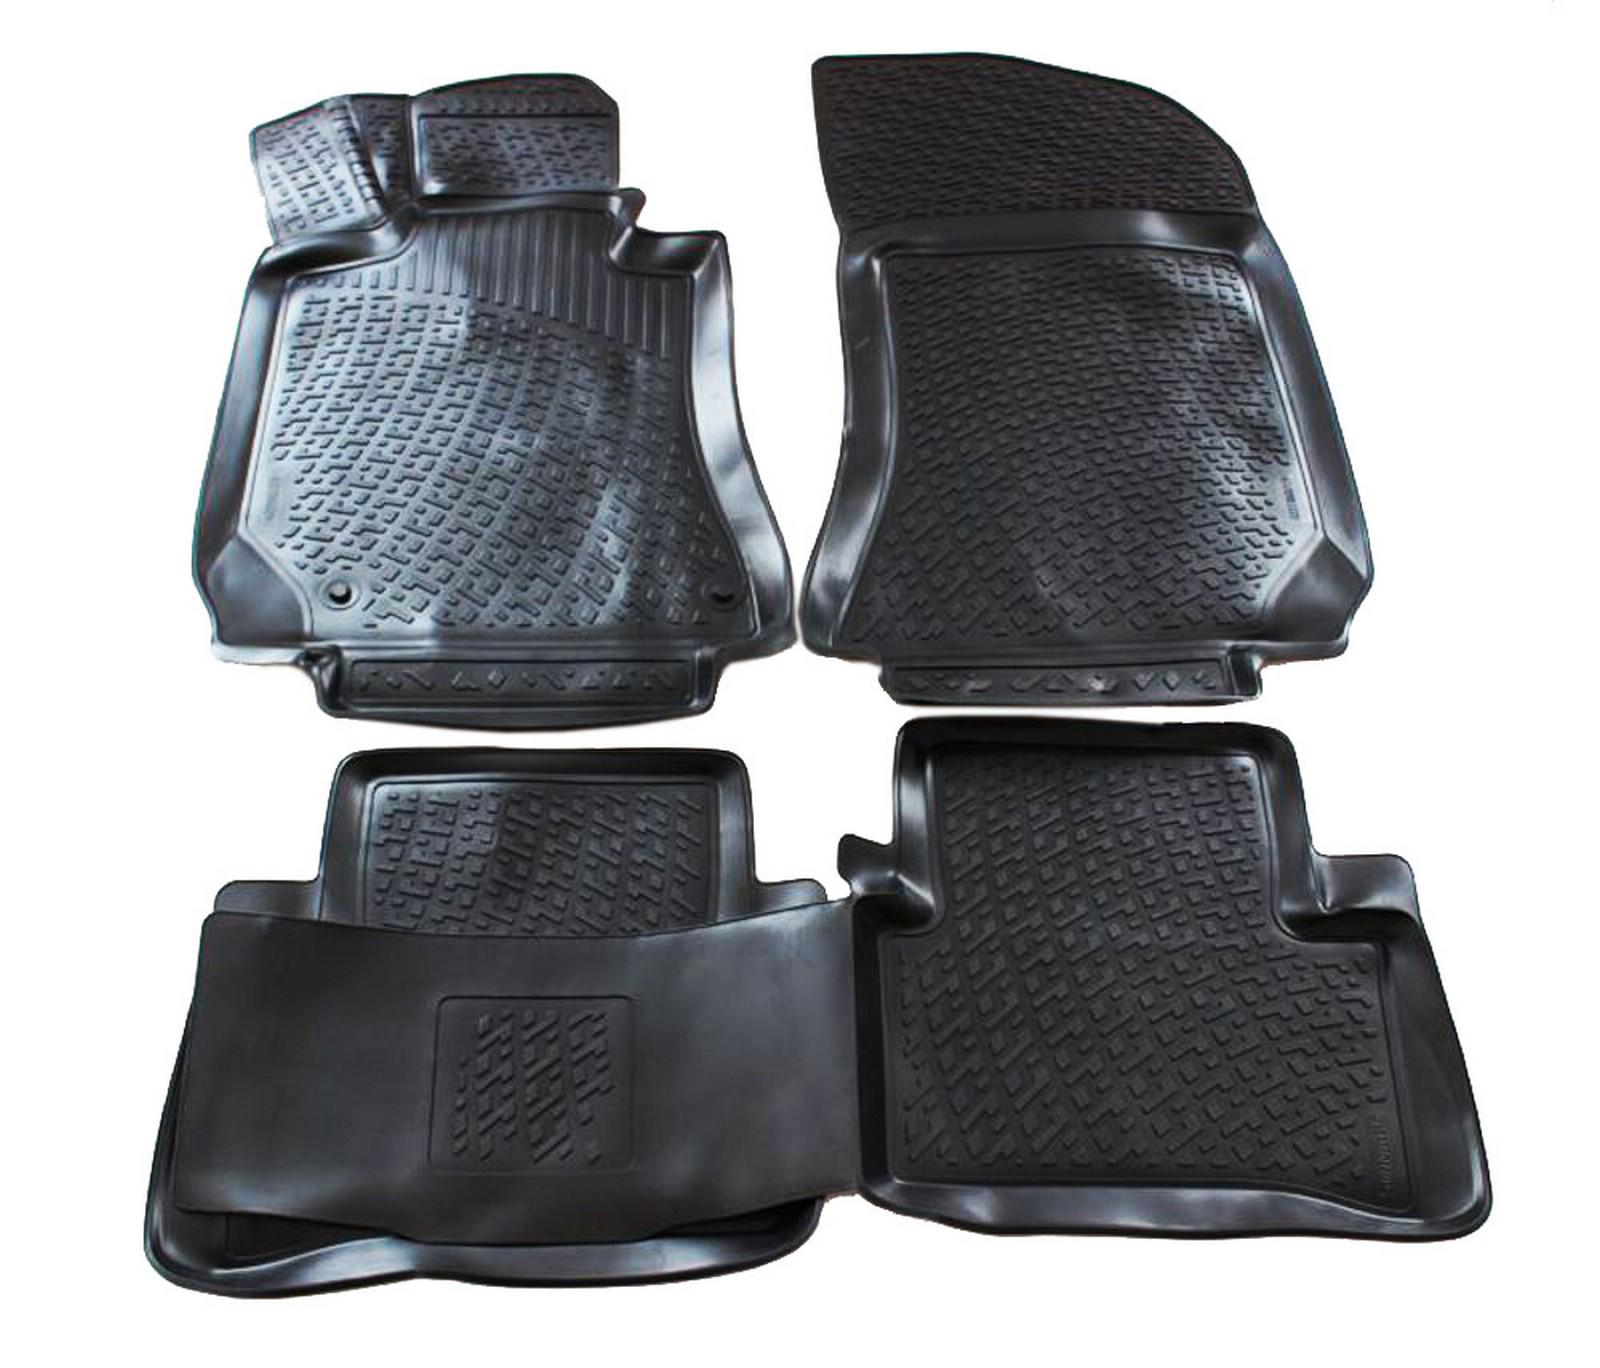 Poza cu Covorase din cauciuc tip tavita Premium, Mercedes-Benz Clasa C (W204), 2007-2011